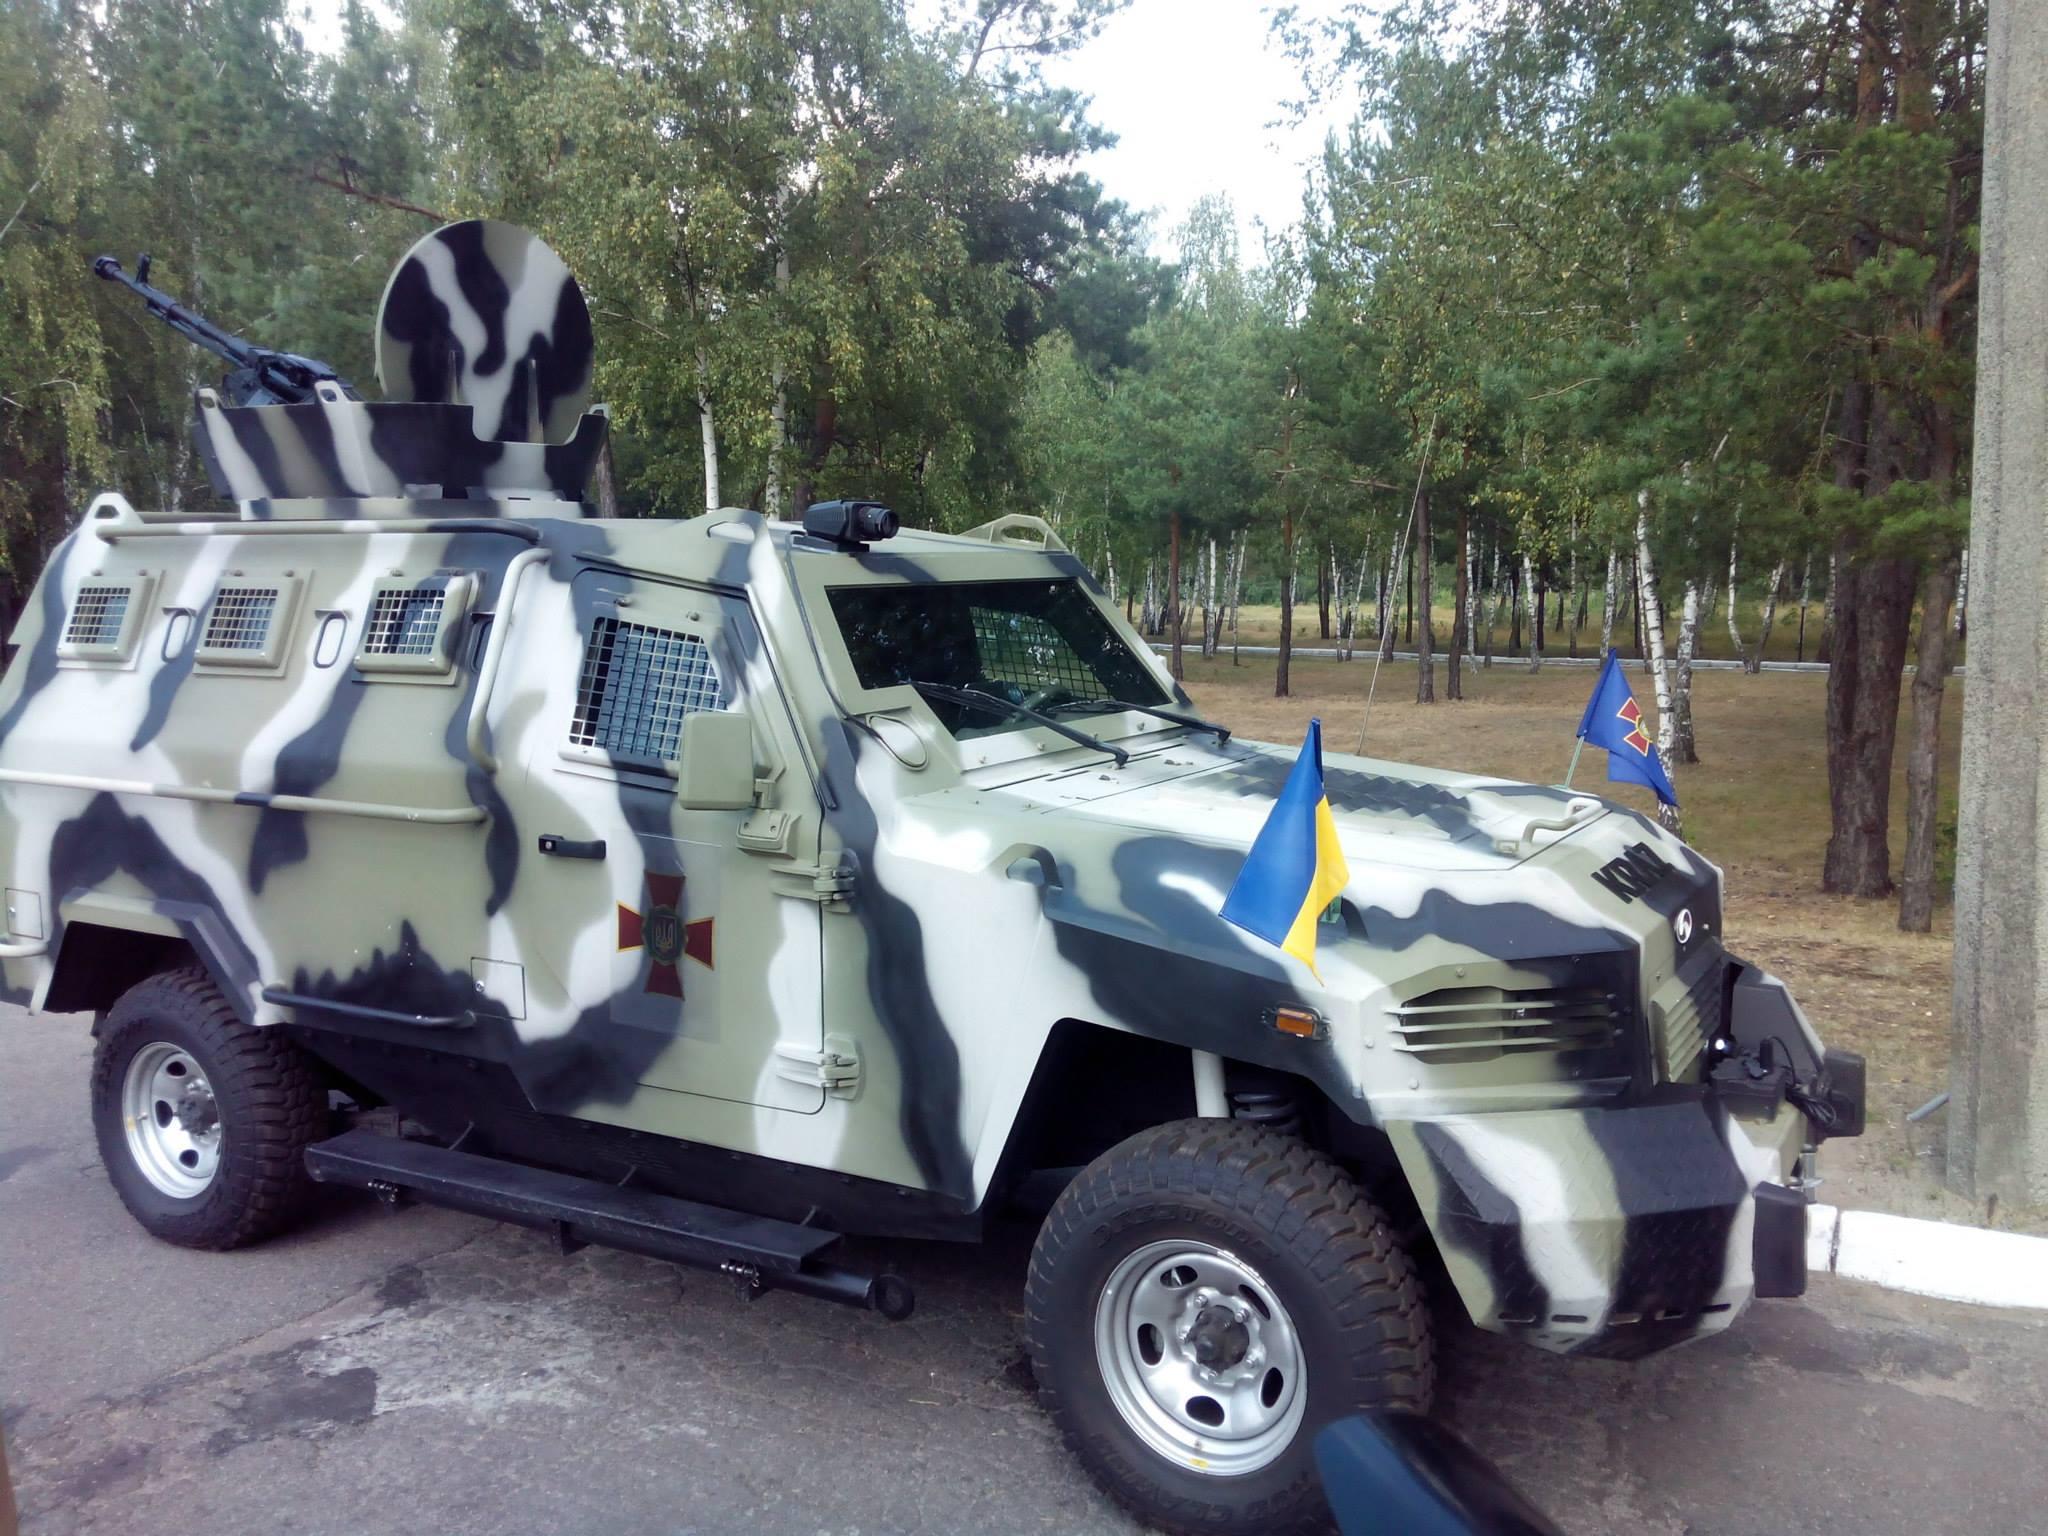 Этот бронеавтомобиль оснащен тепловизором и крупнокалиберным пулеметом.